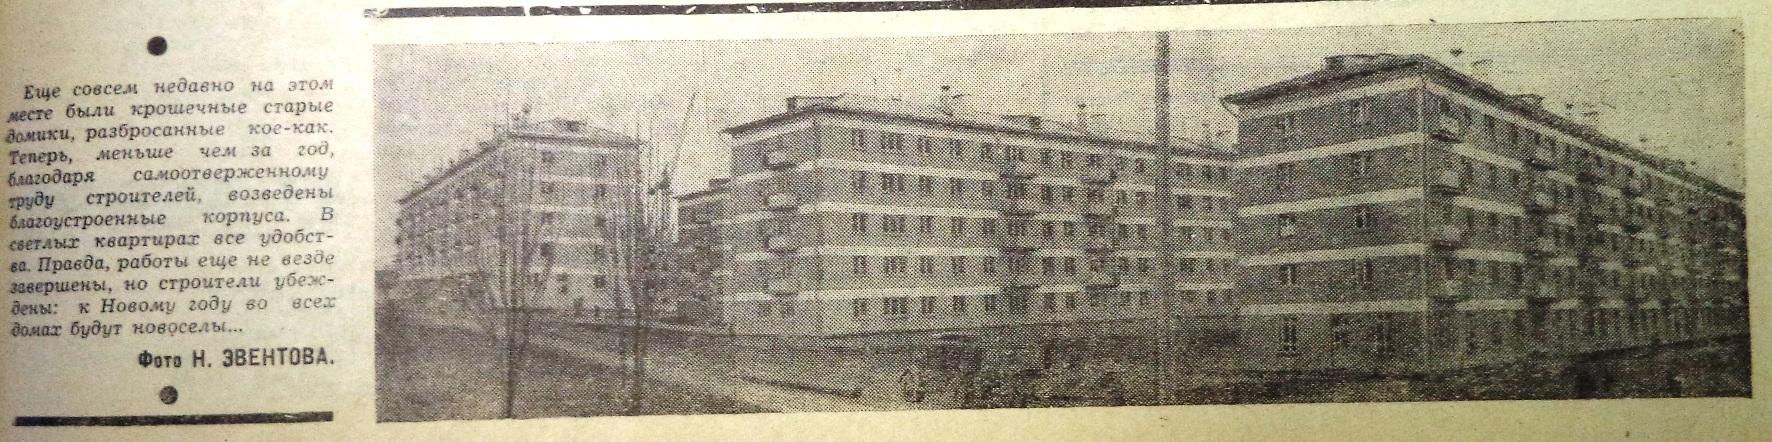 Кирова-ФОТО-58-Заводская жизнь-1967-21 ноября-2